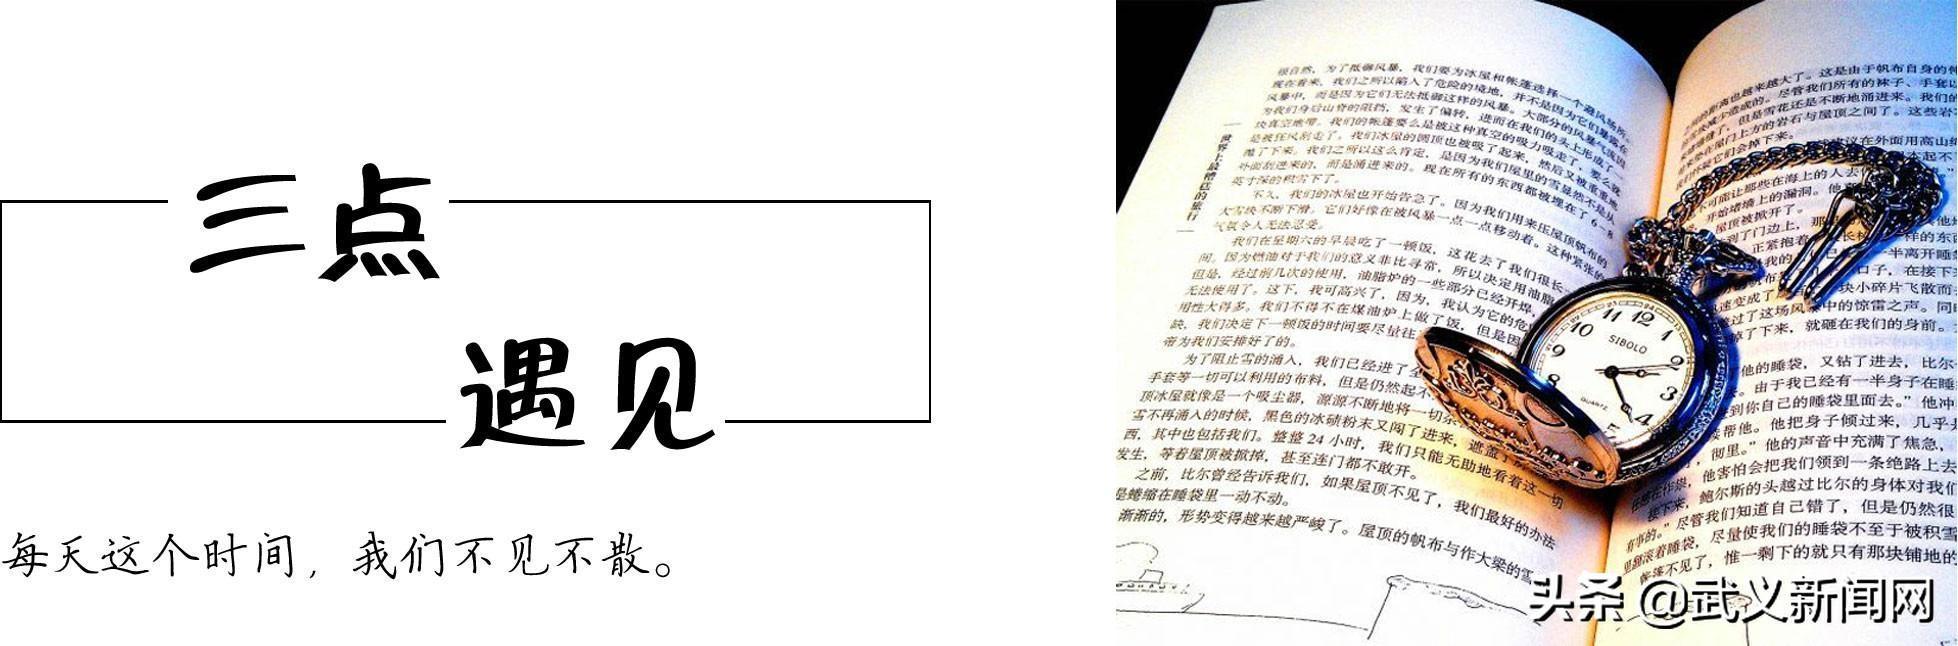 解放记忆——纪念永康、武义、磐安解放60周年